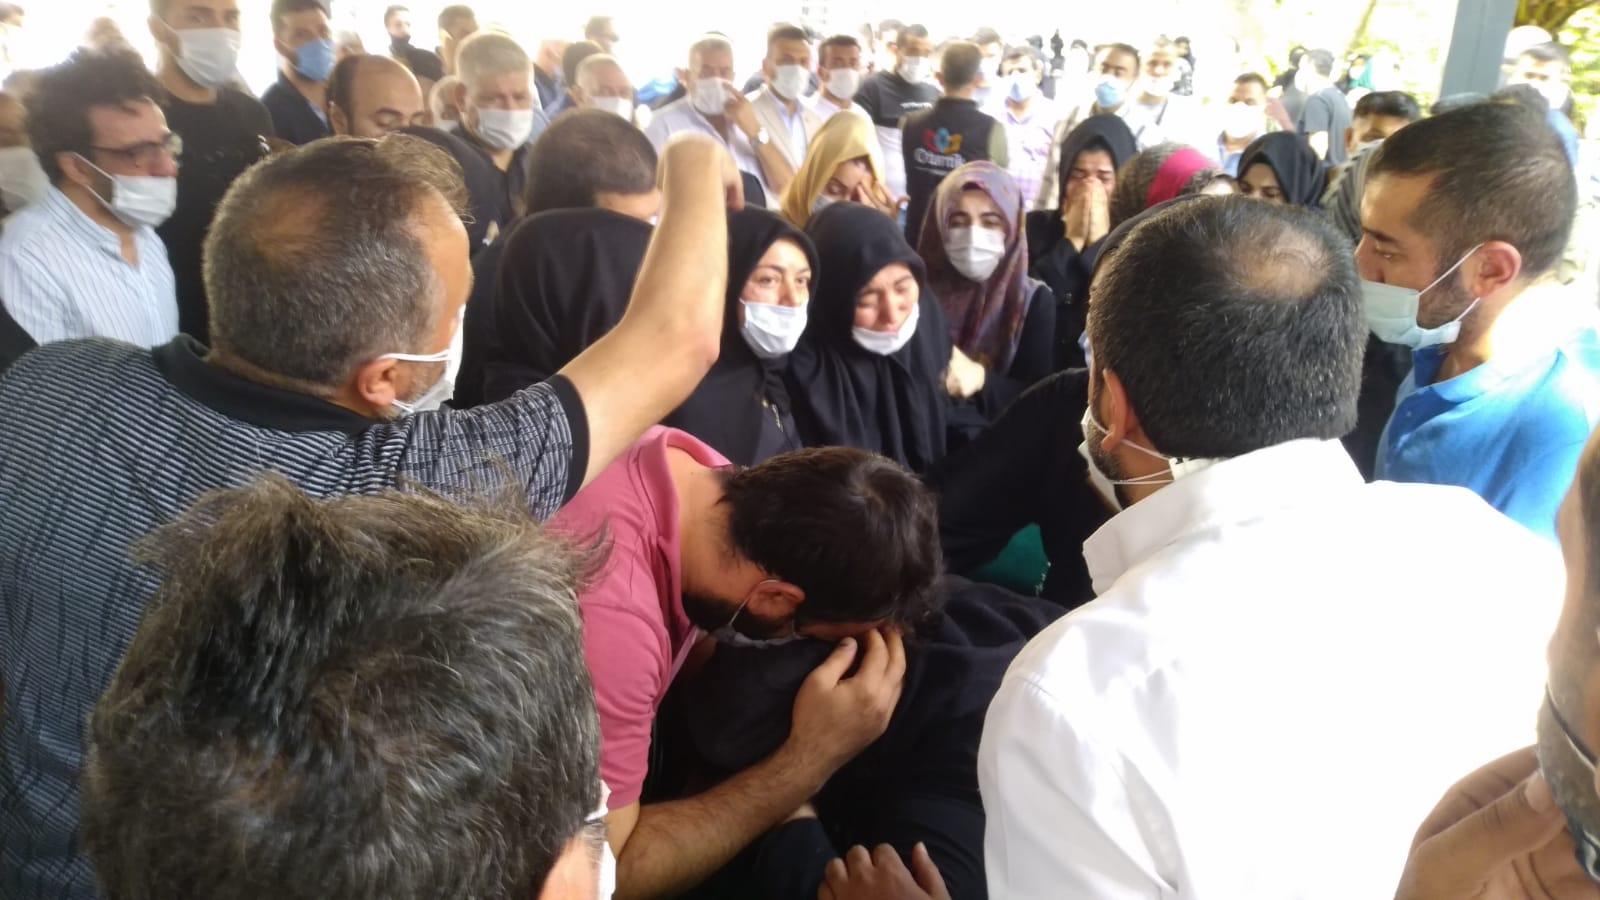 Bekir Hallaç'ın son vedasında gözyaşları sel oldu